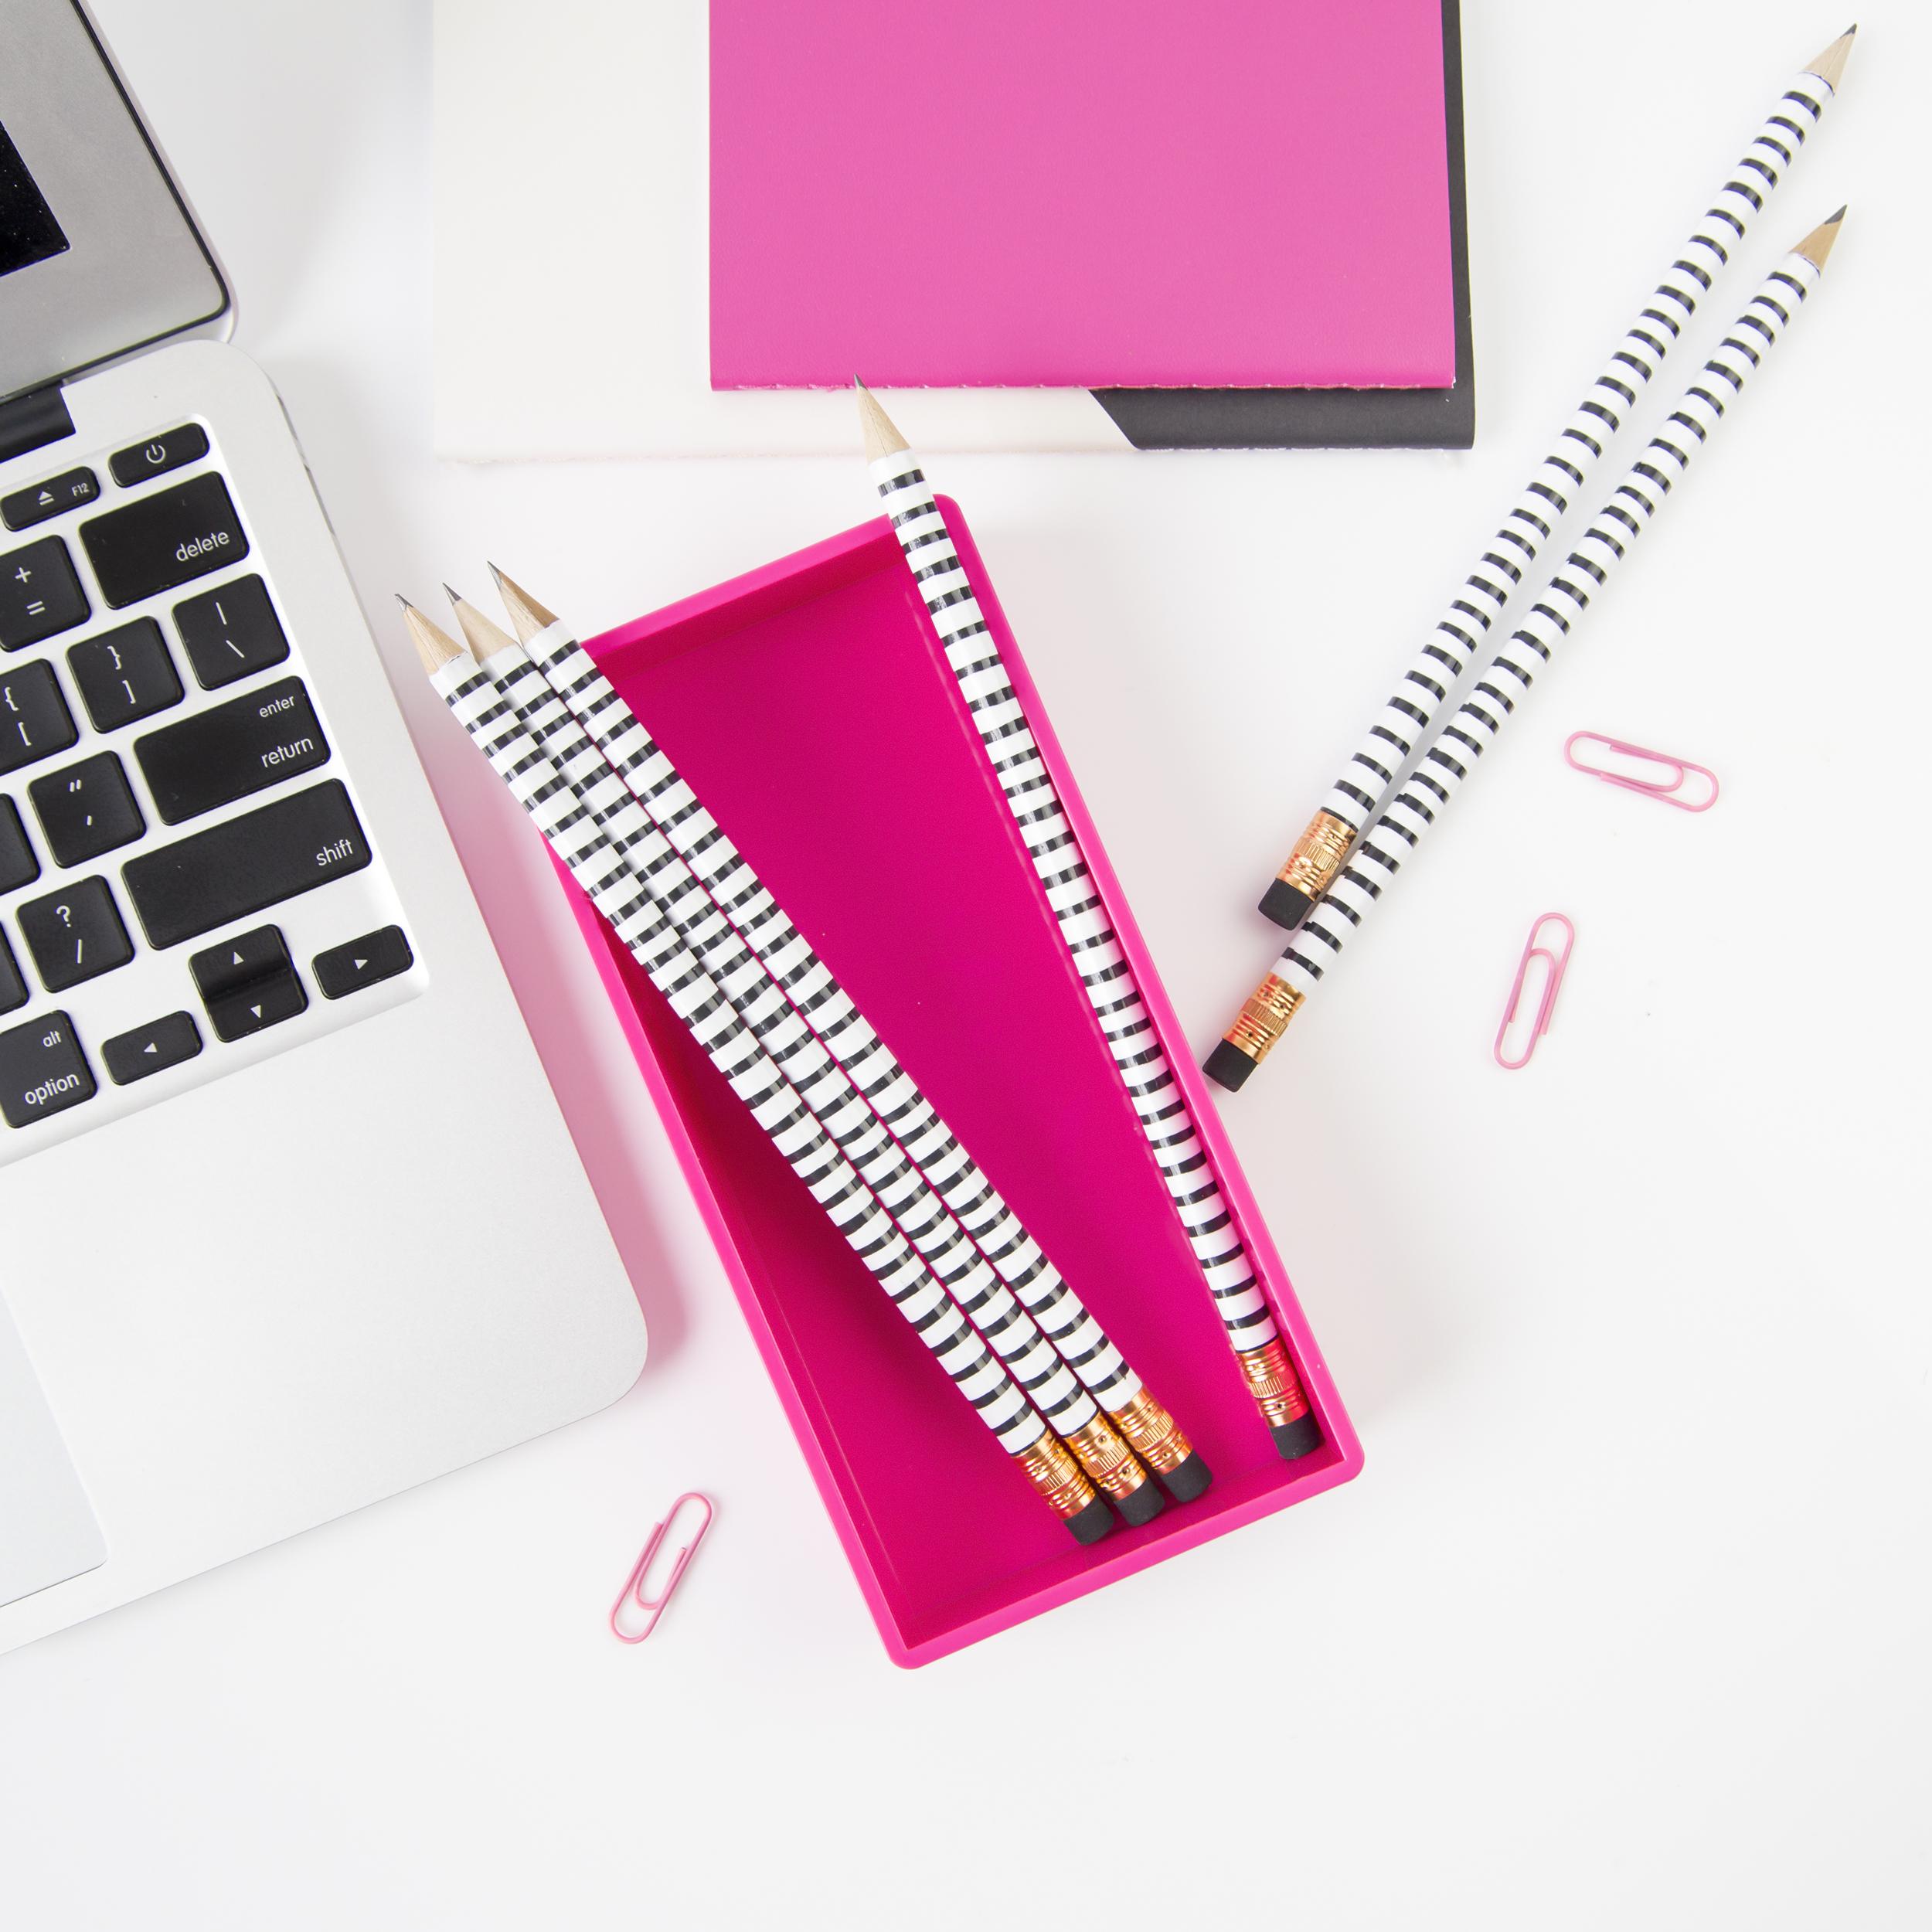 11 thèmes gratuits WordPress pour votre blog